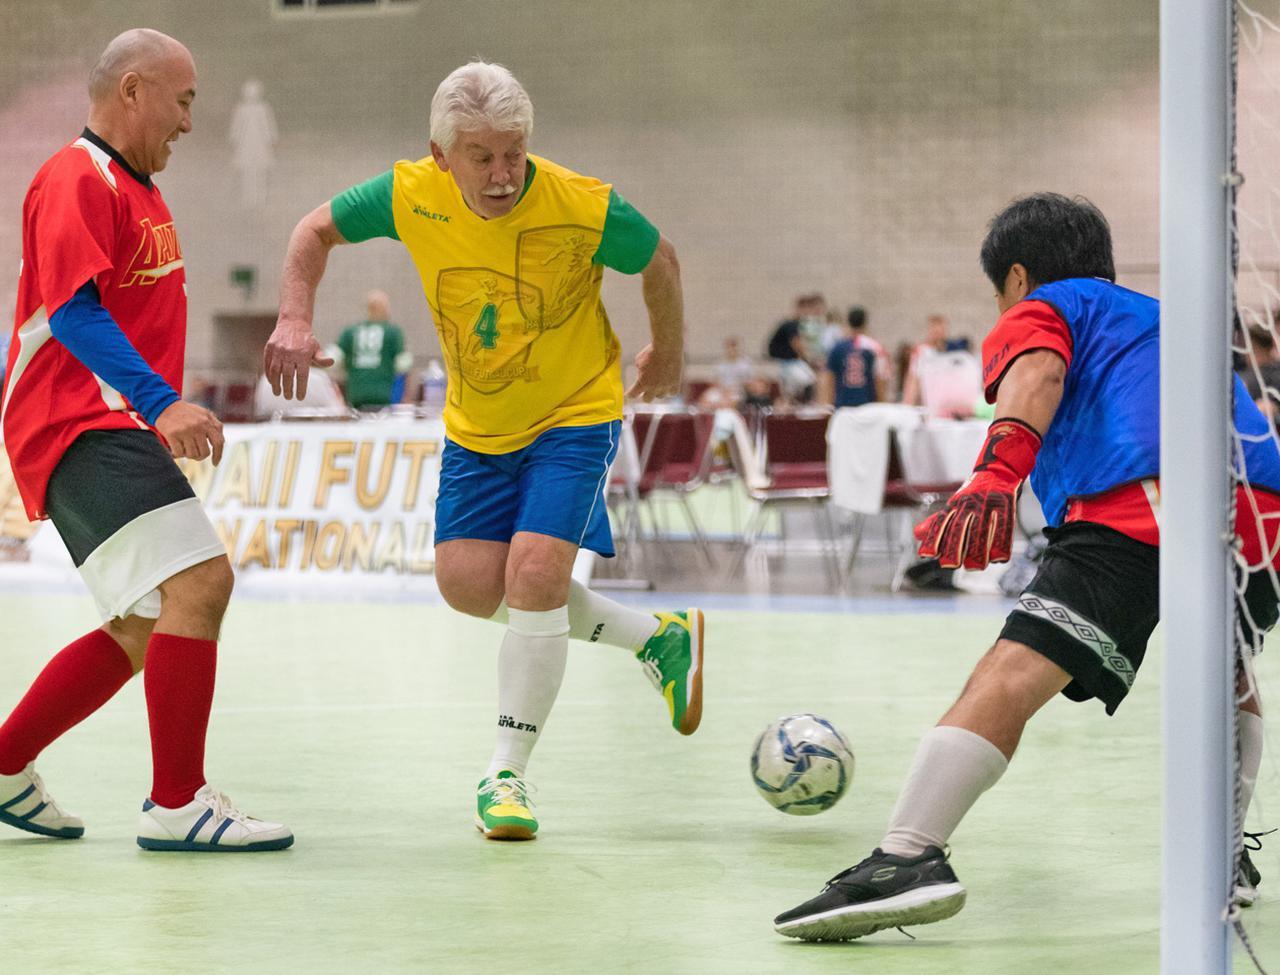 画像: 軸足の後ろを通す巧みな技でゴールに迫るマリーニョ氏